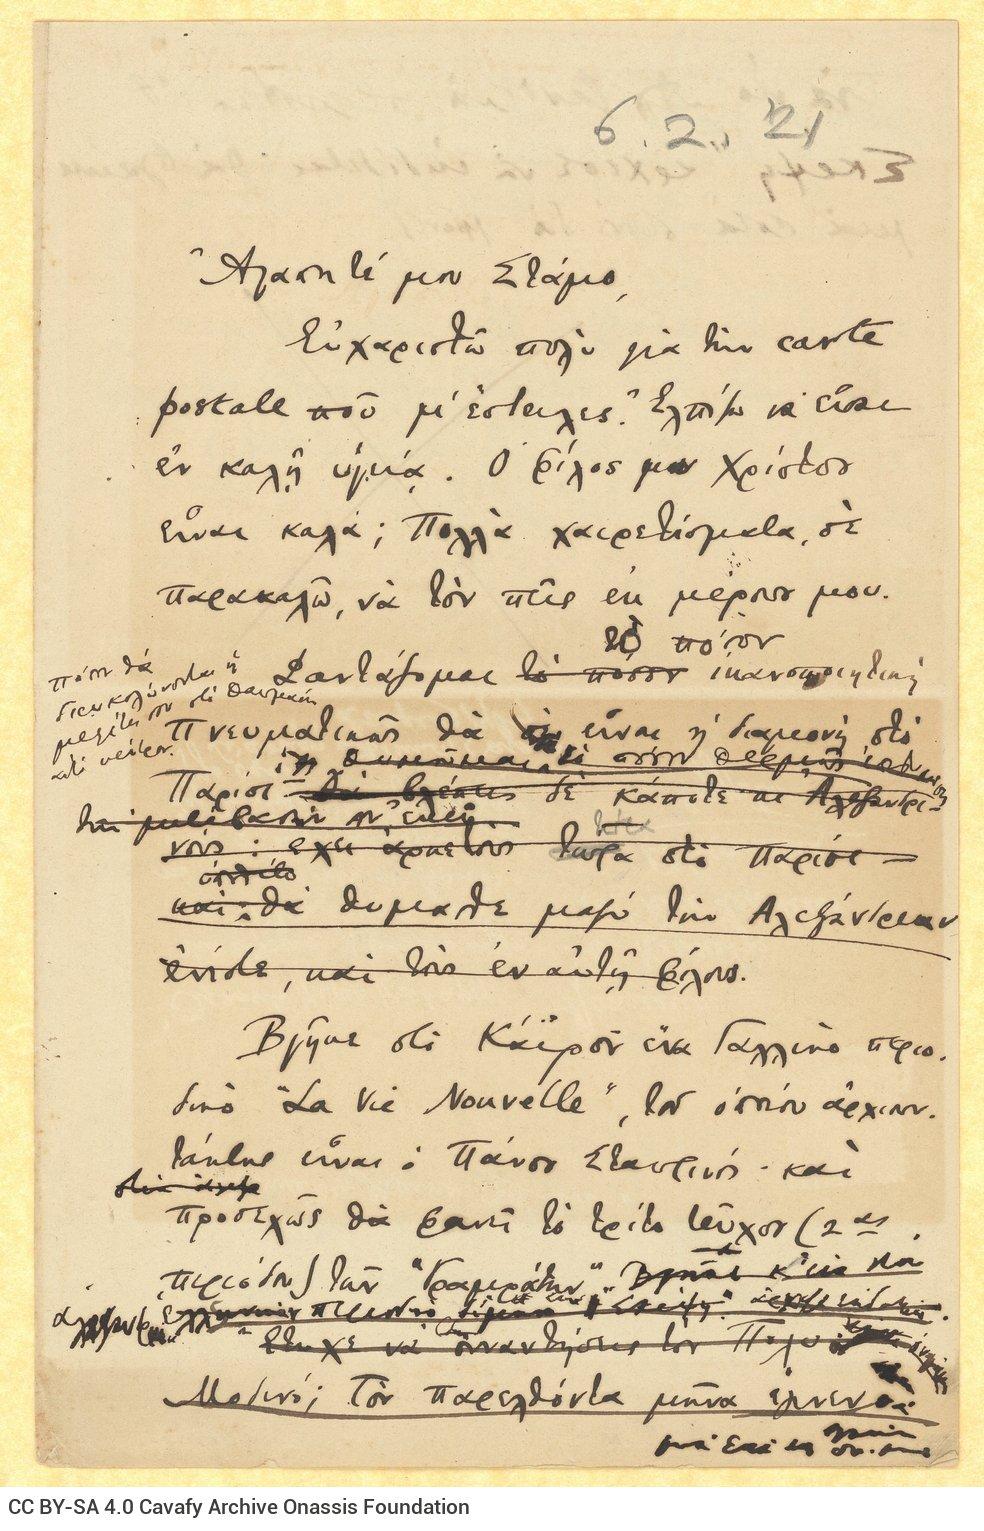 Χειρόγραφο σχέδιο επιστολής του Καβάφη προς τον Στάμο Ζερβό, σε δύο �